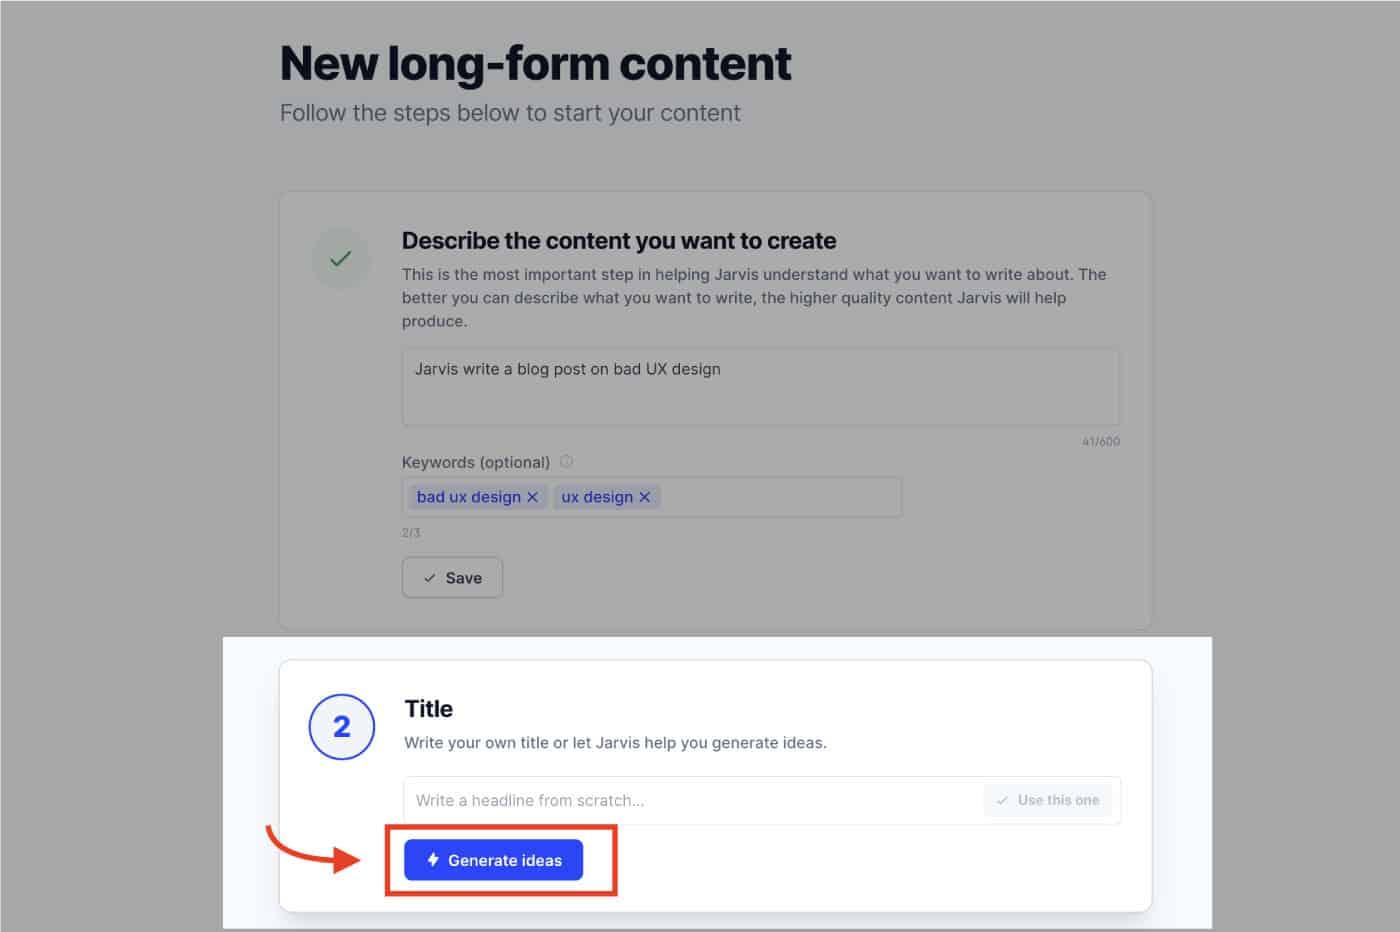 conversion.ai - Generate ideas button